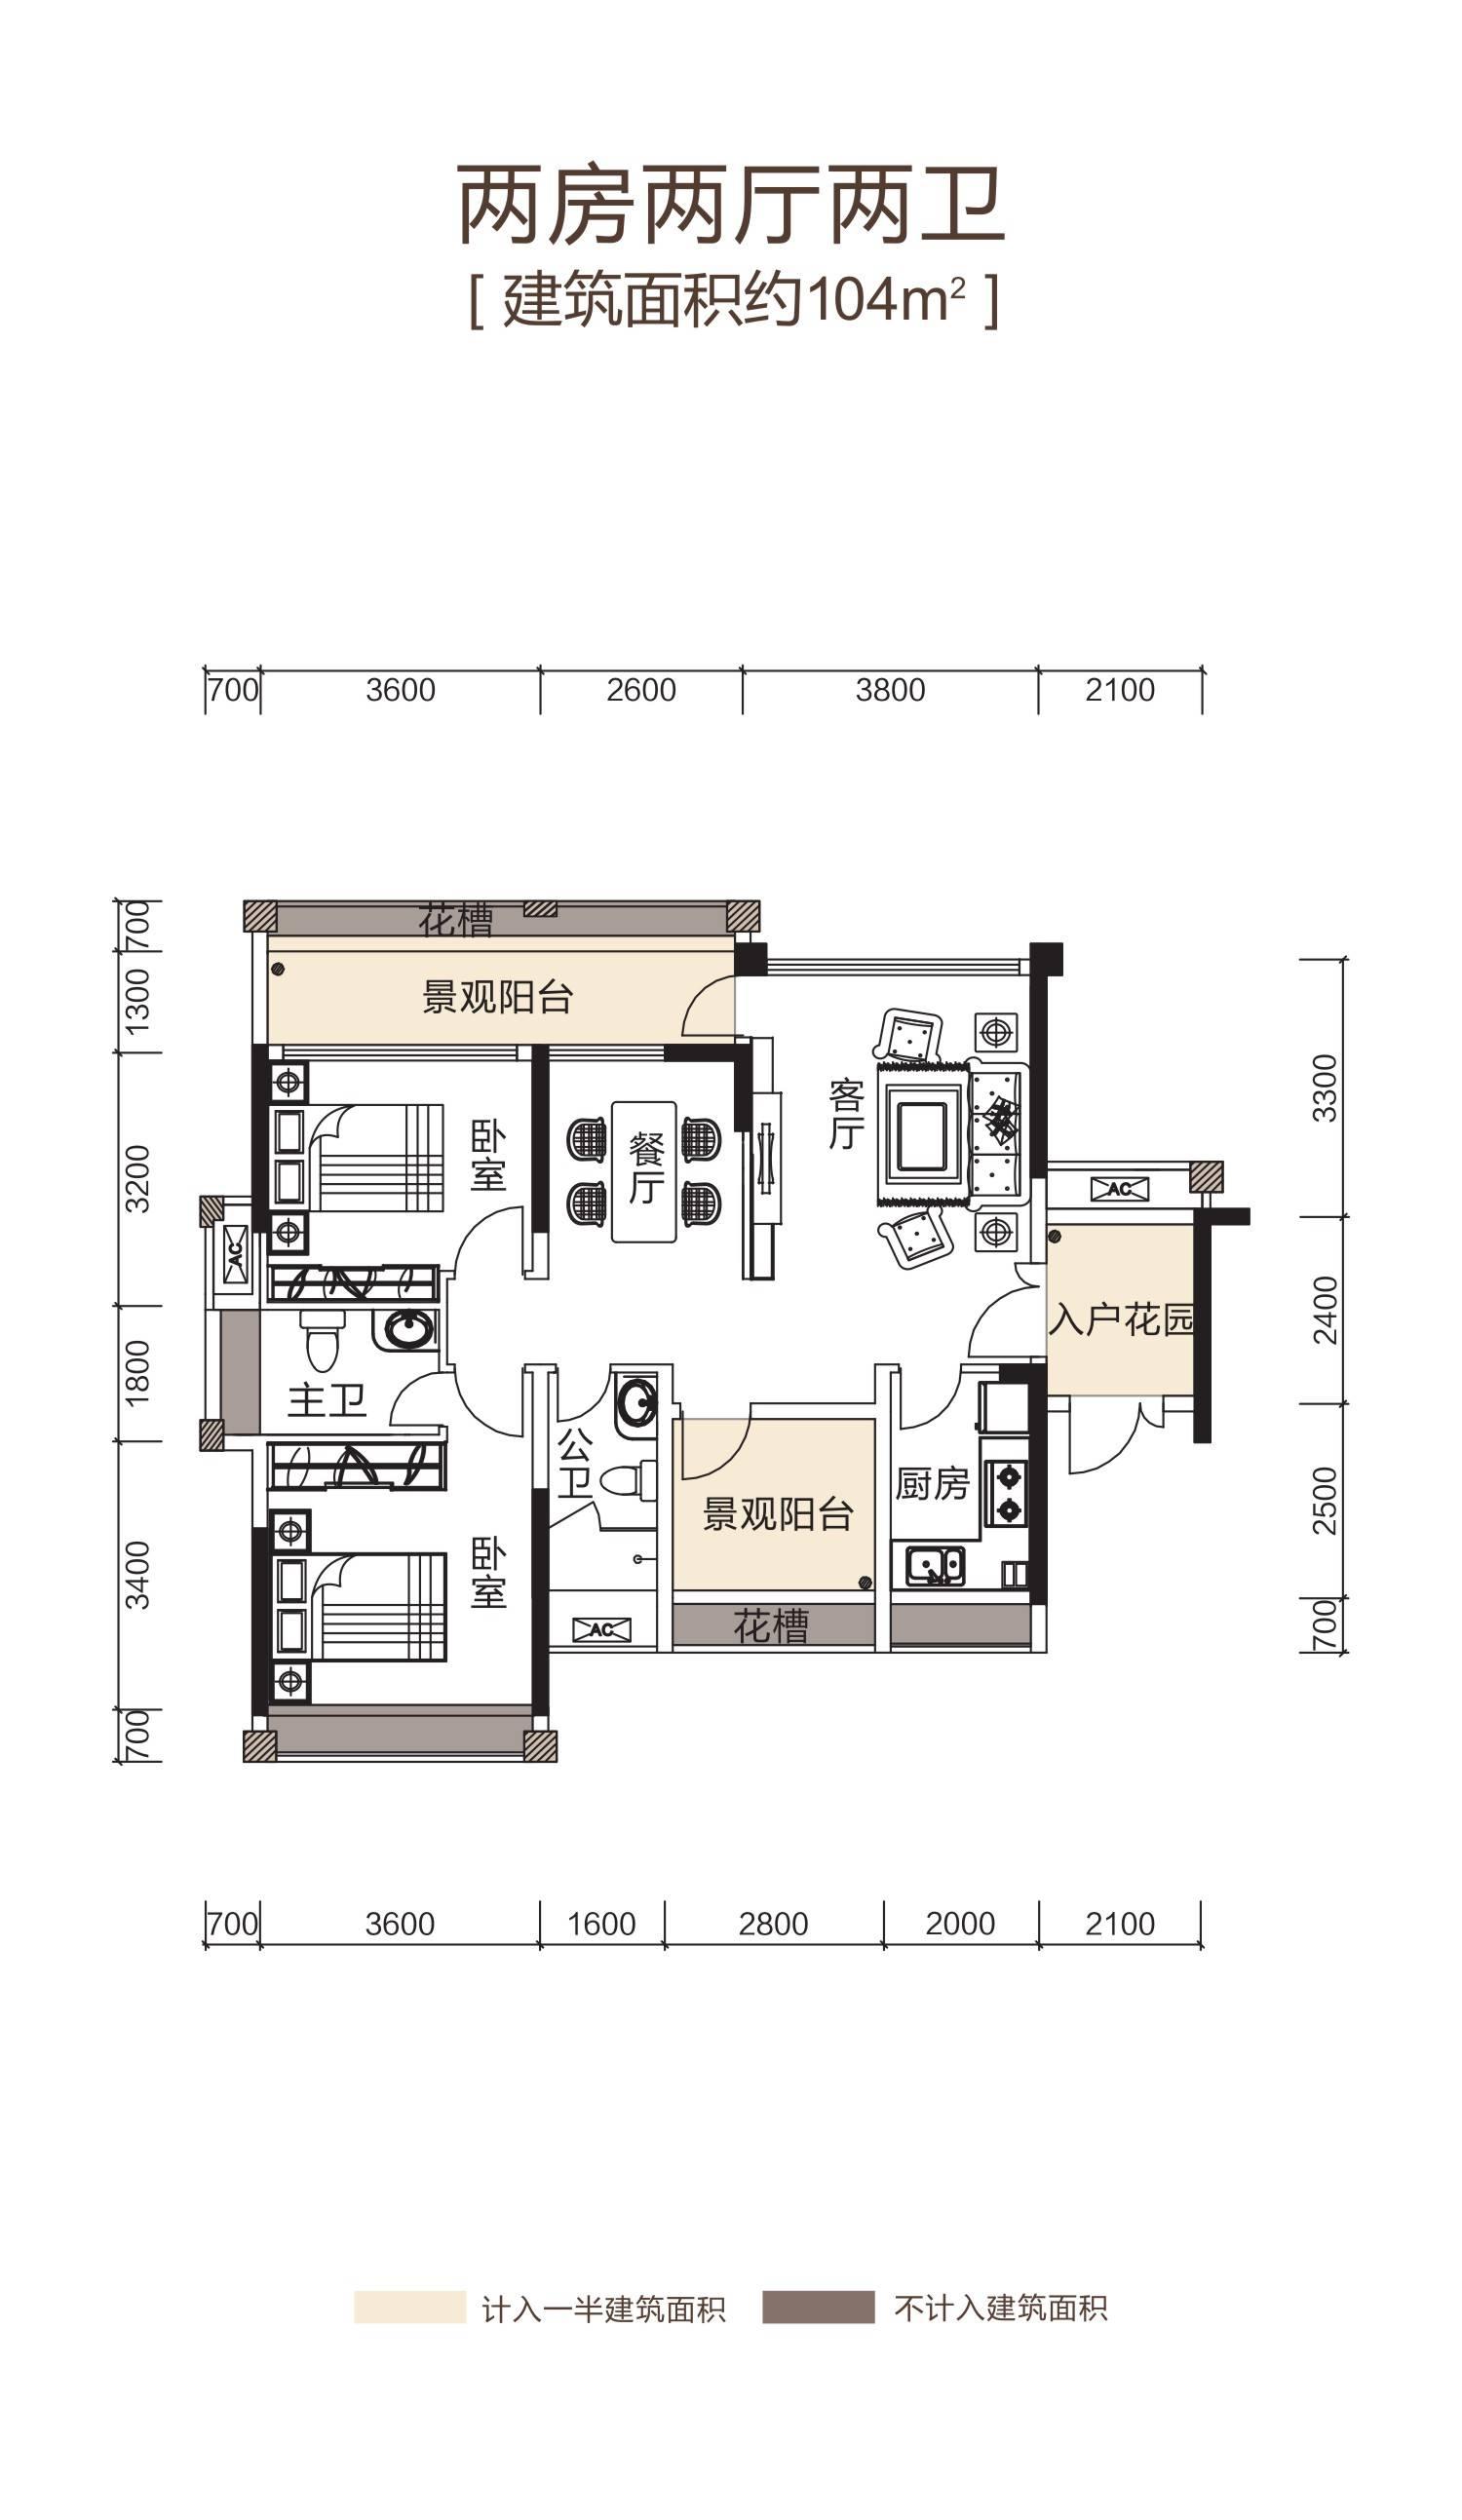 两房两厅两卫 104㎡